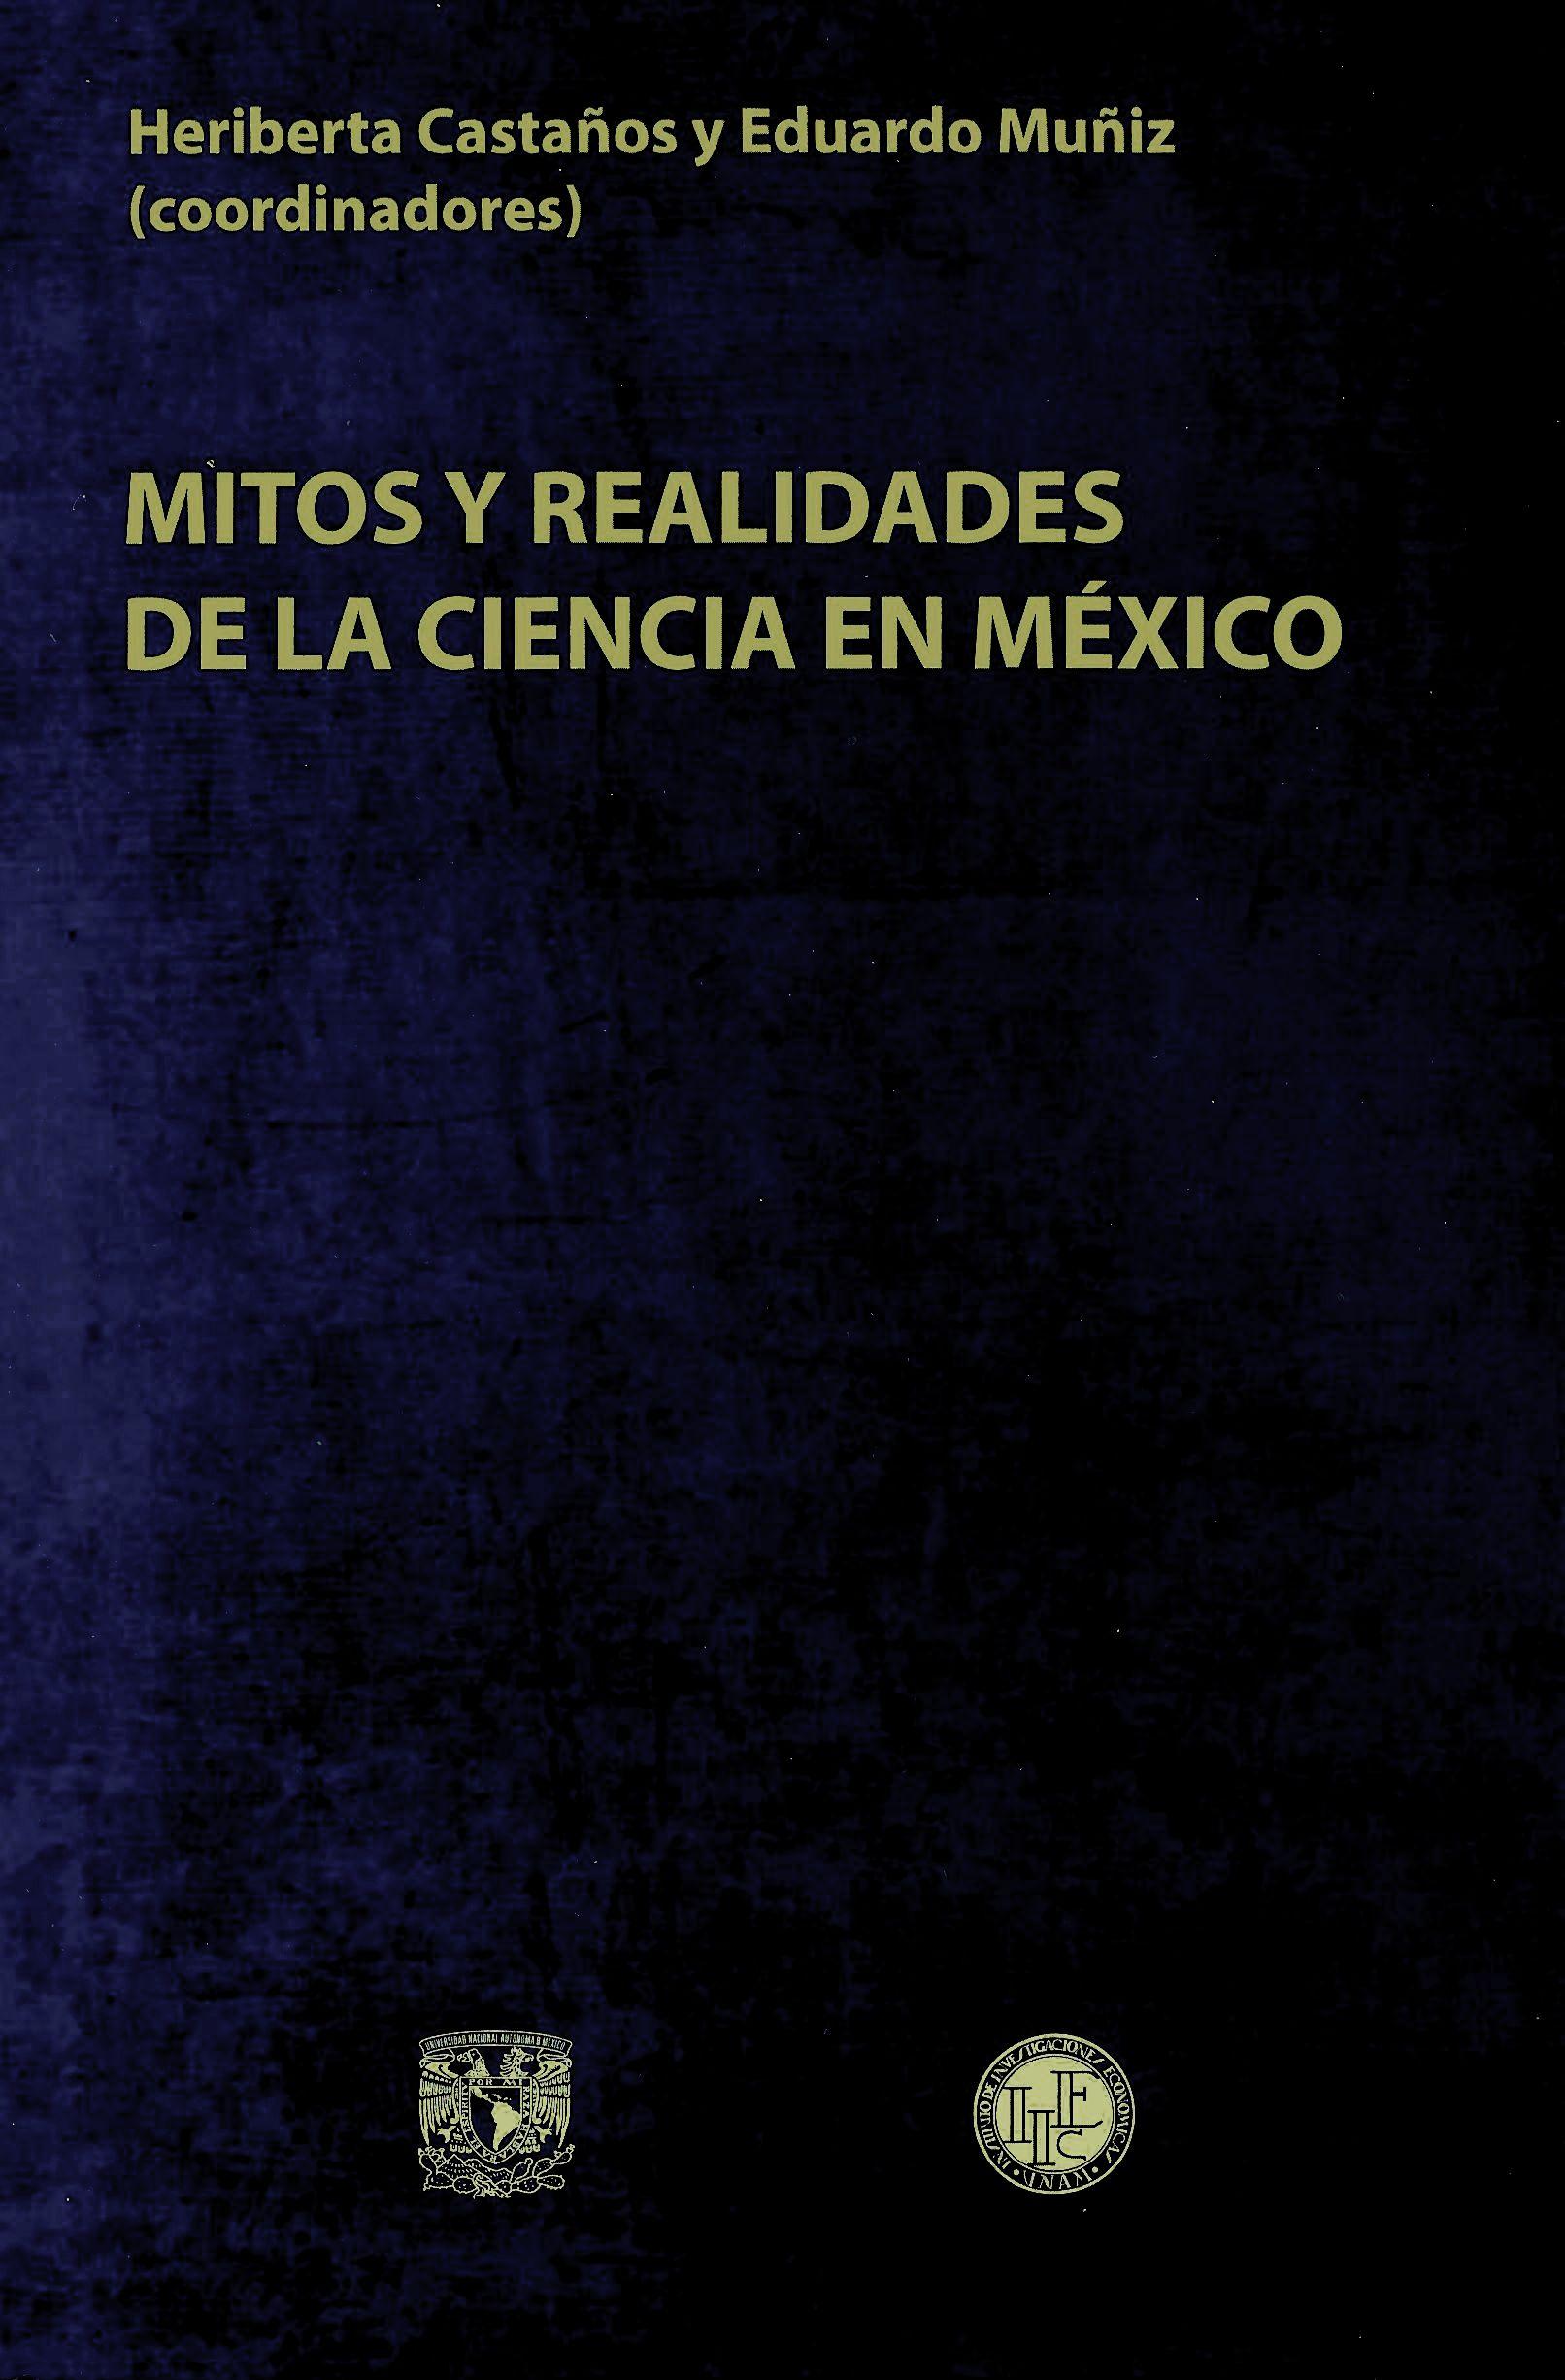 Mitos y realidades de la ciencia en México